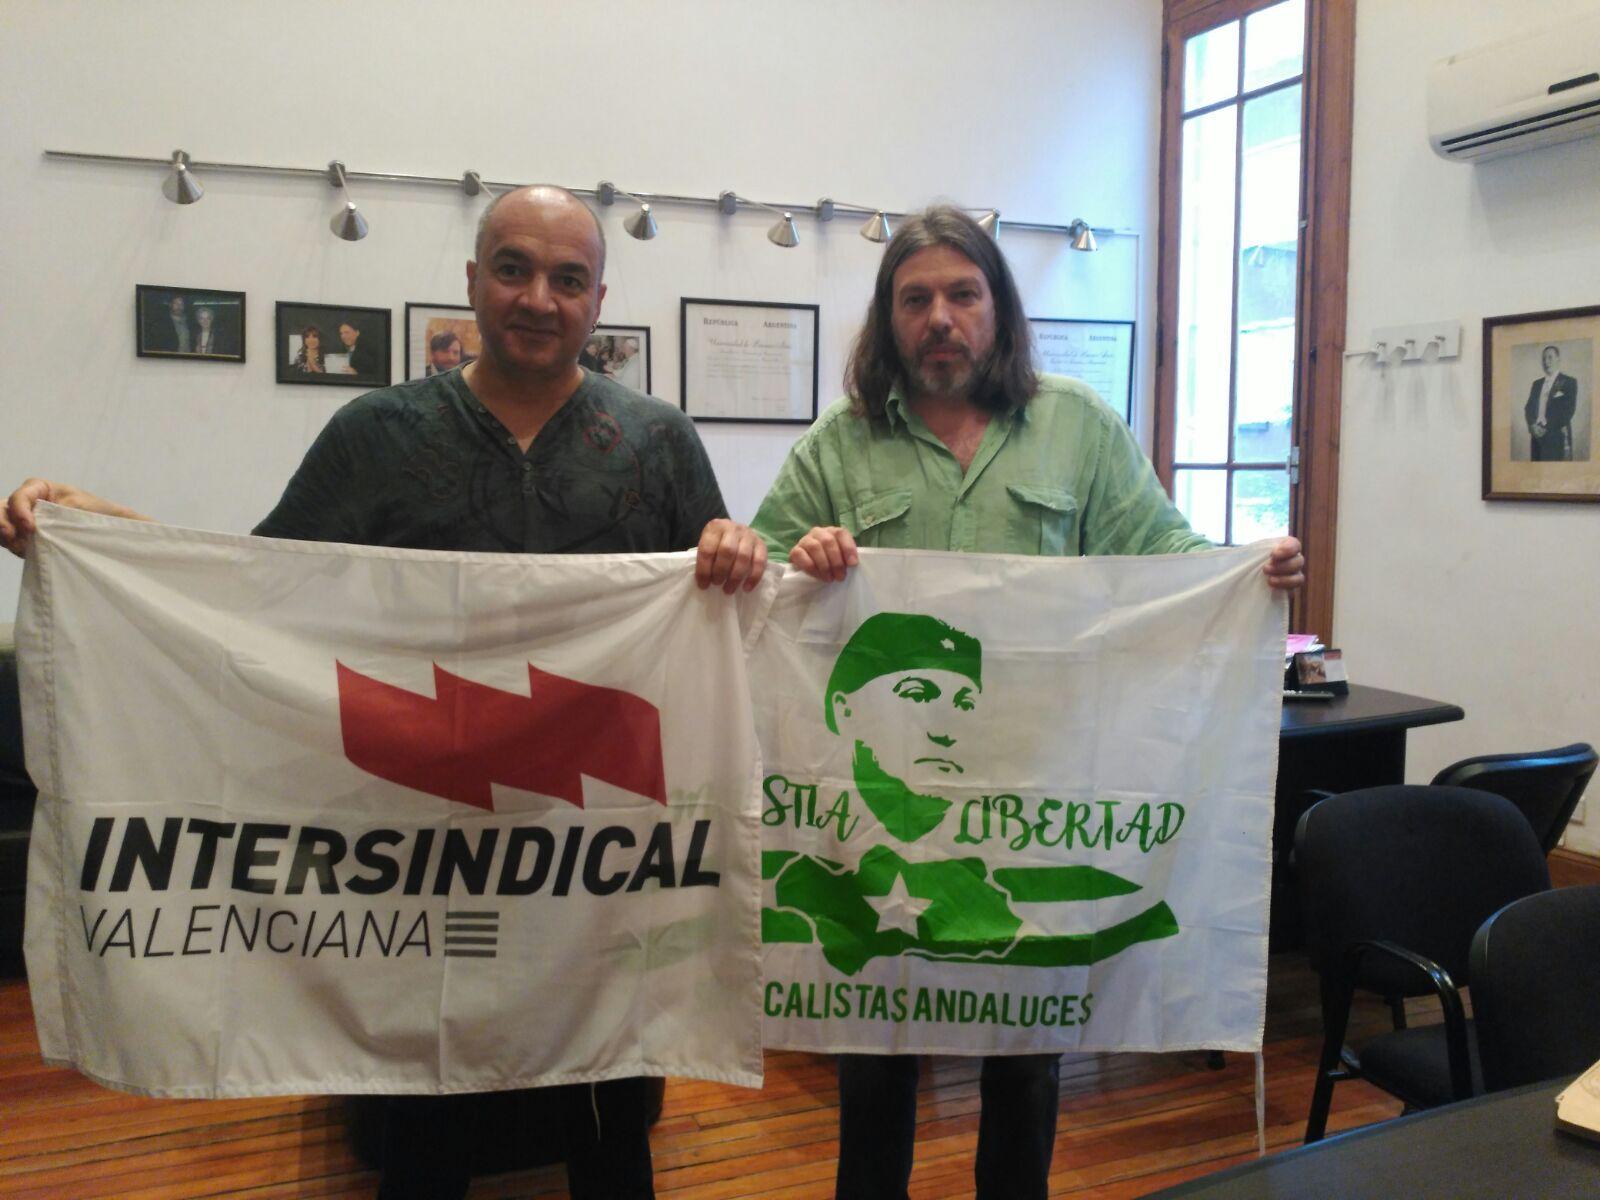 Paco González amb Daniel Ricci, secretari General de ADUBA i líder sindical de FEDUM i FESIDUAS